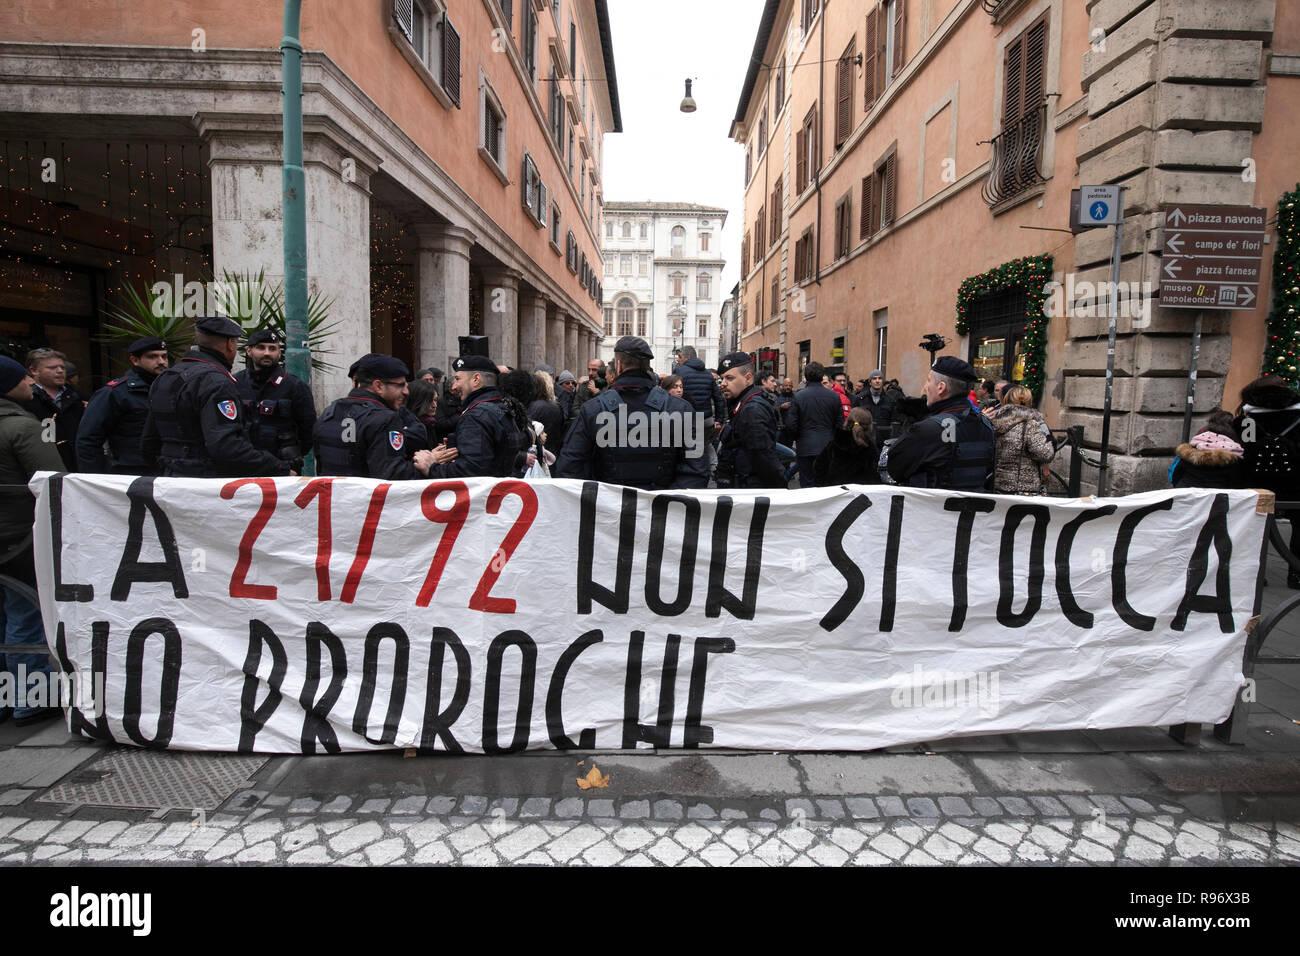 Foto Carlo Lannutti/LaPresse 20- 12 - 2018 Roma, Italia Cronaca.   Protesta taxi davanti al Senato contro la nuova normativa  Nella foto: La Protesta davanti al Senato - Stock Image